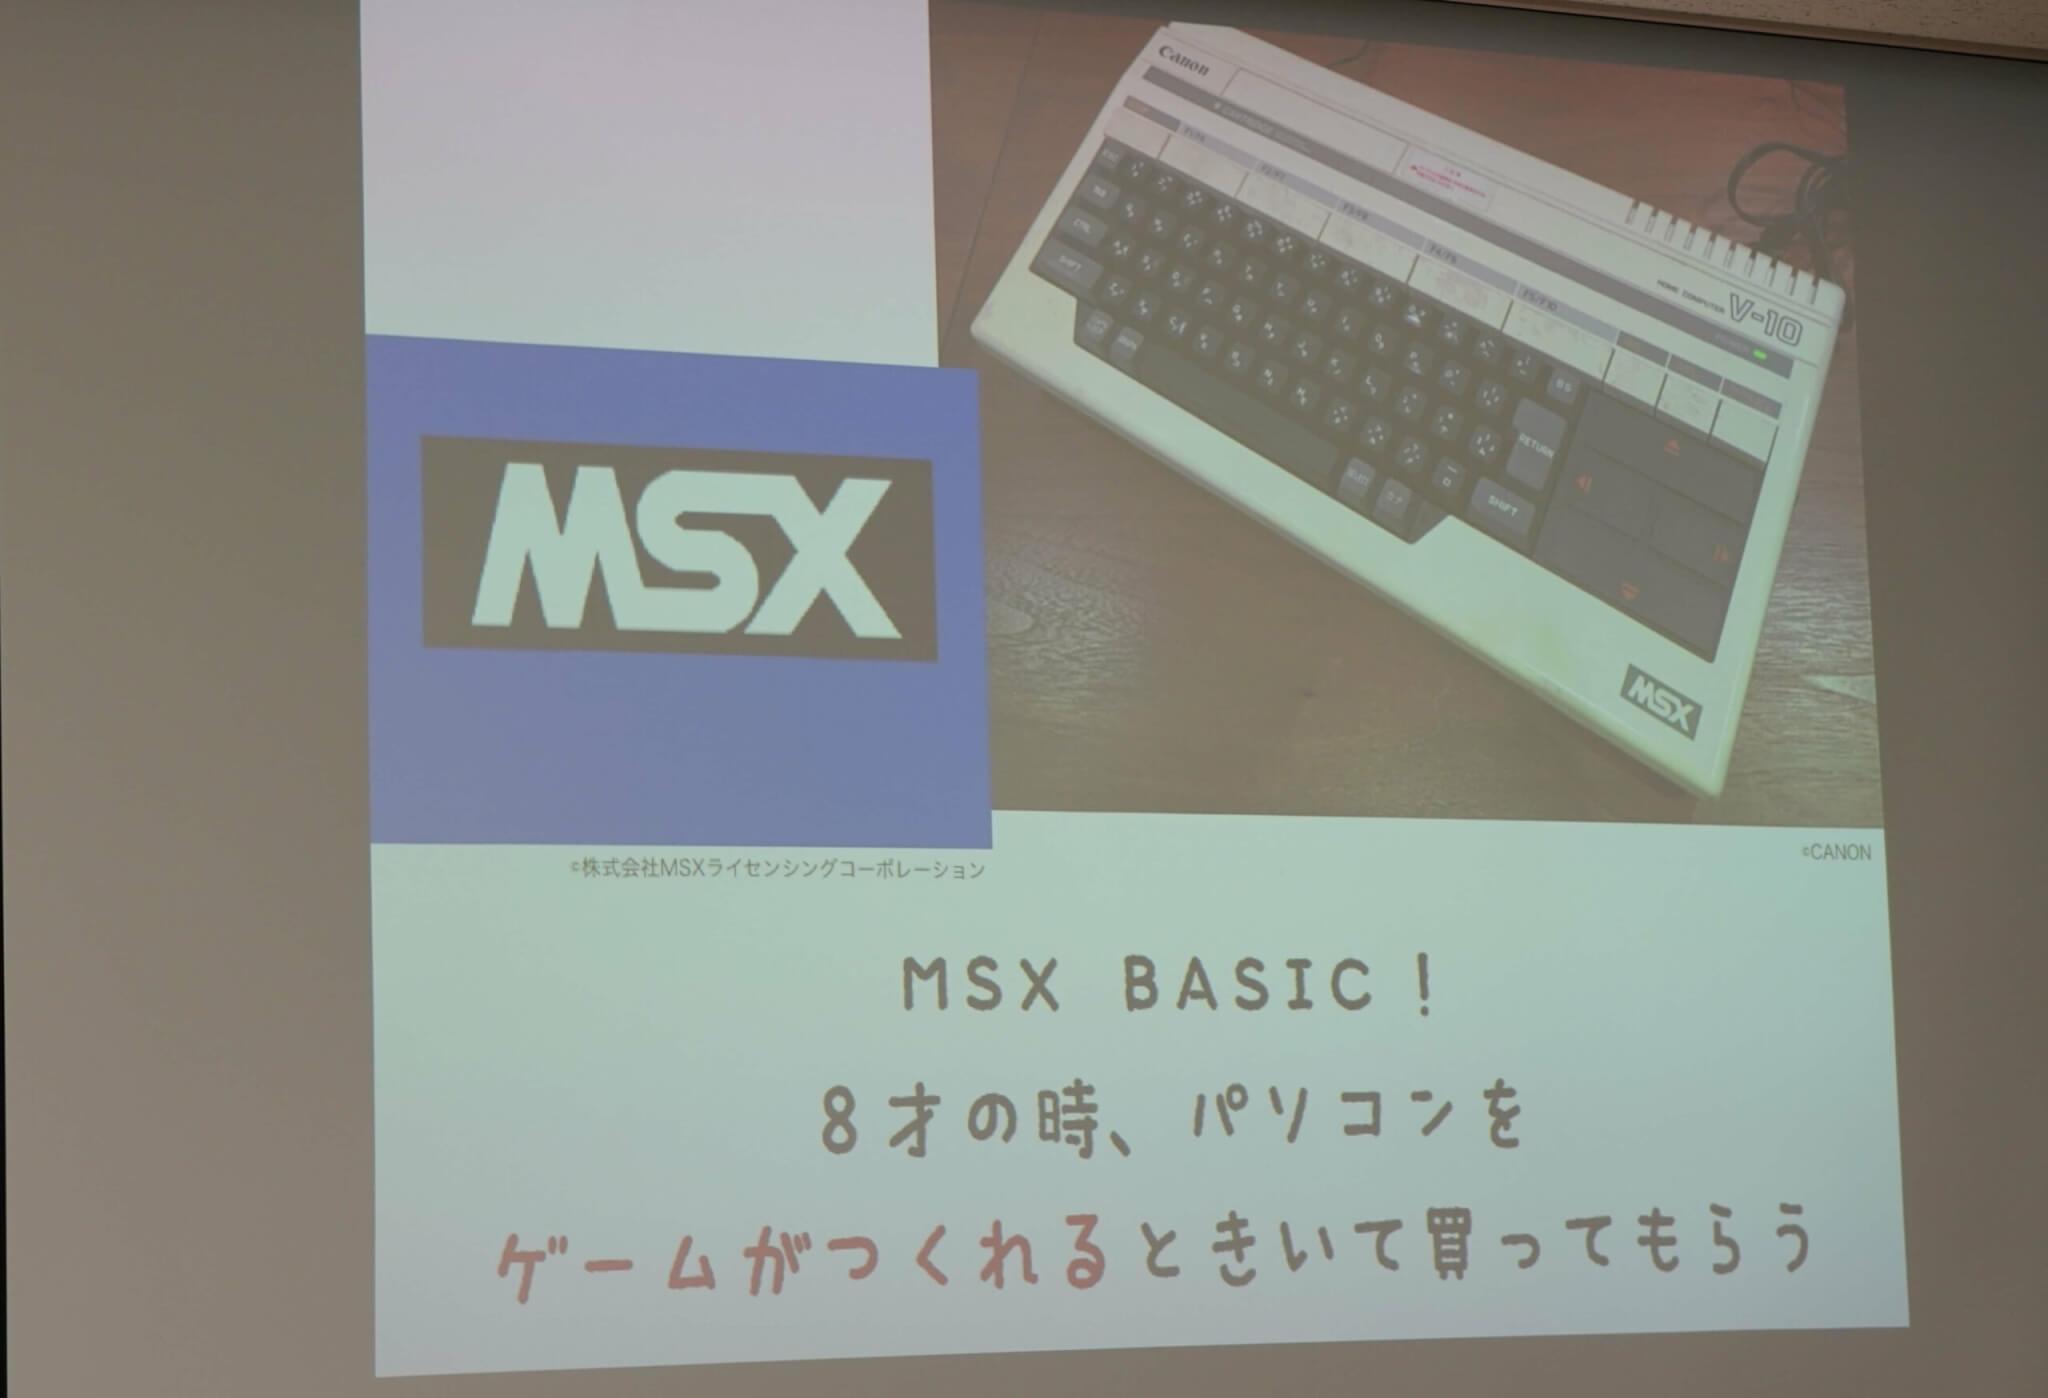 福野さんプレゼン資料 MSX